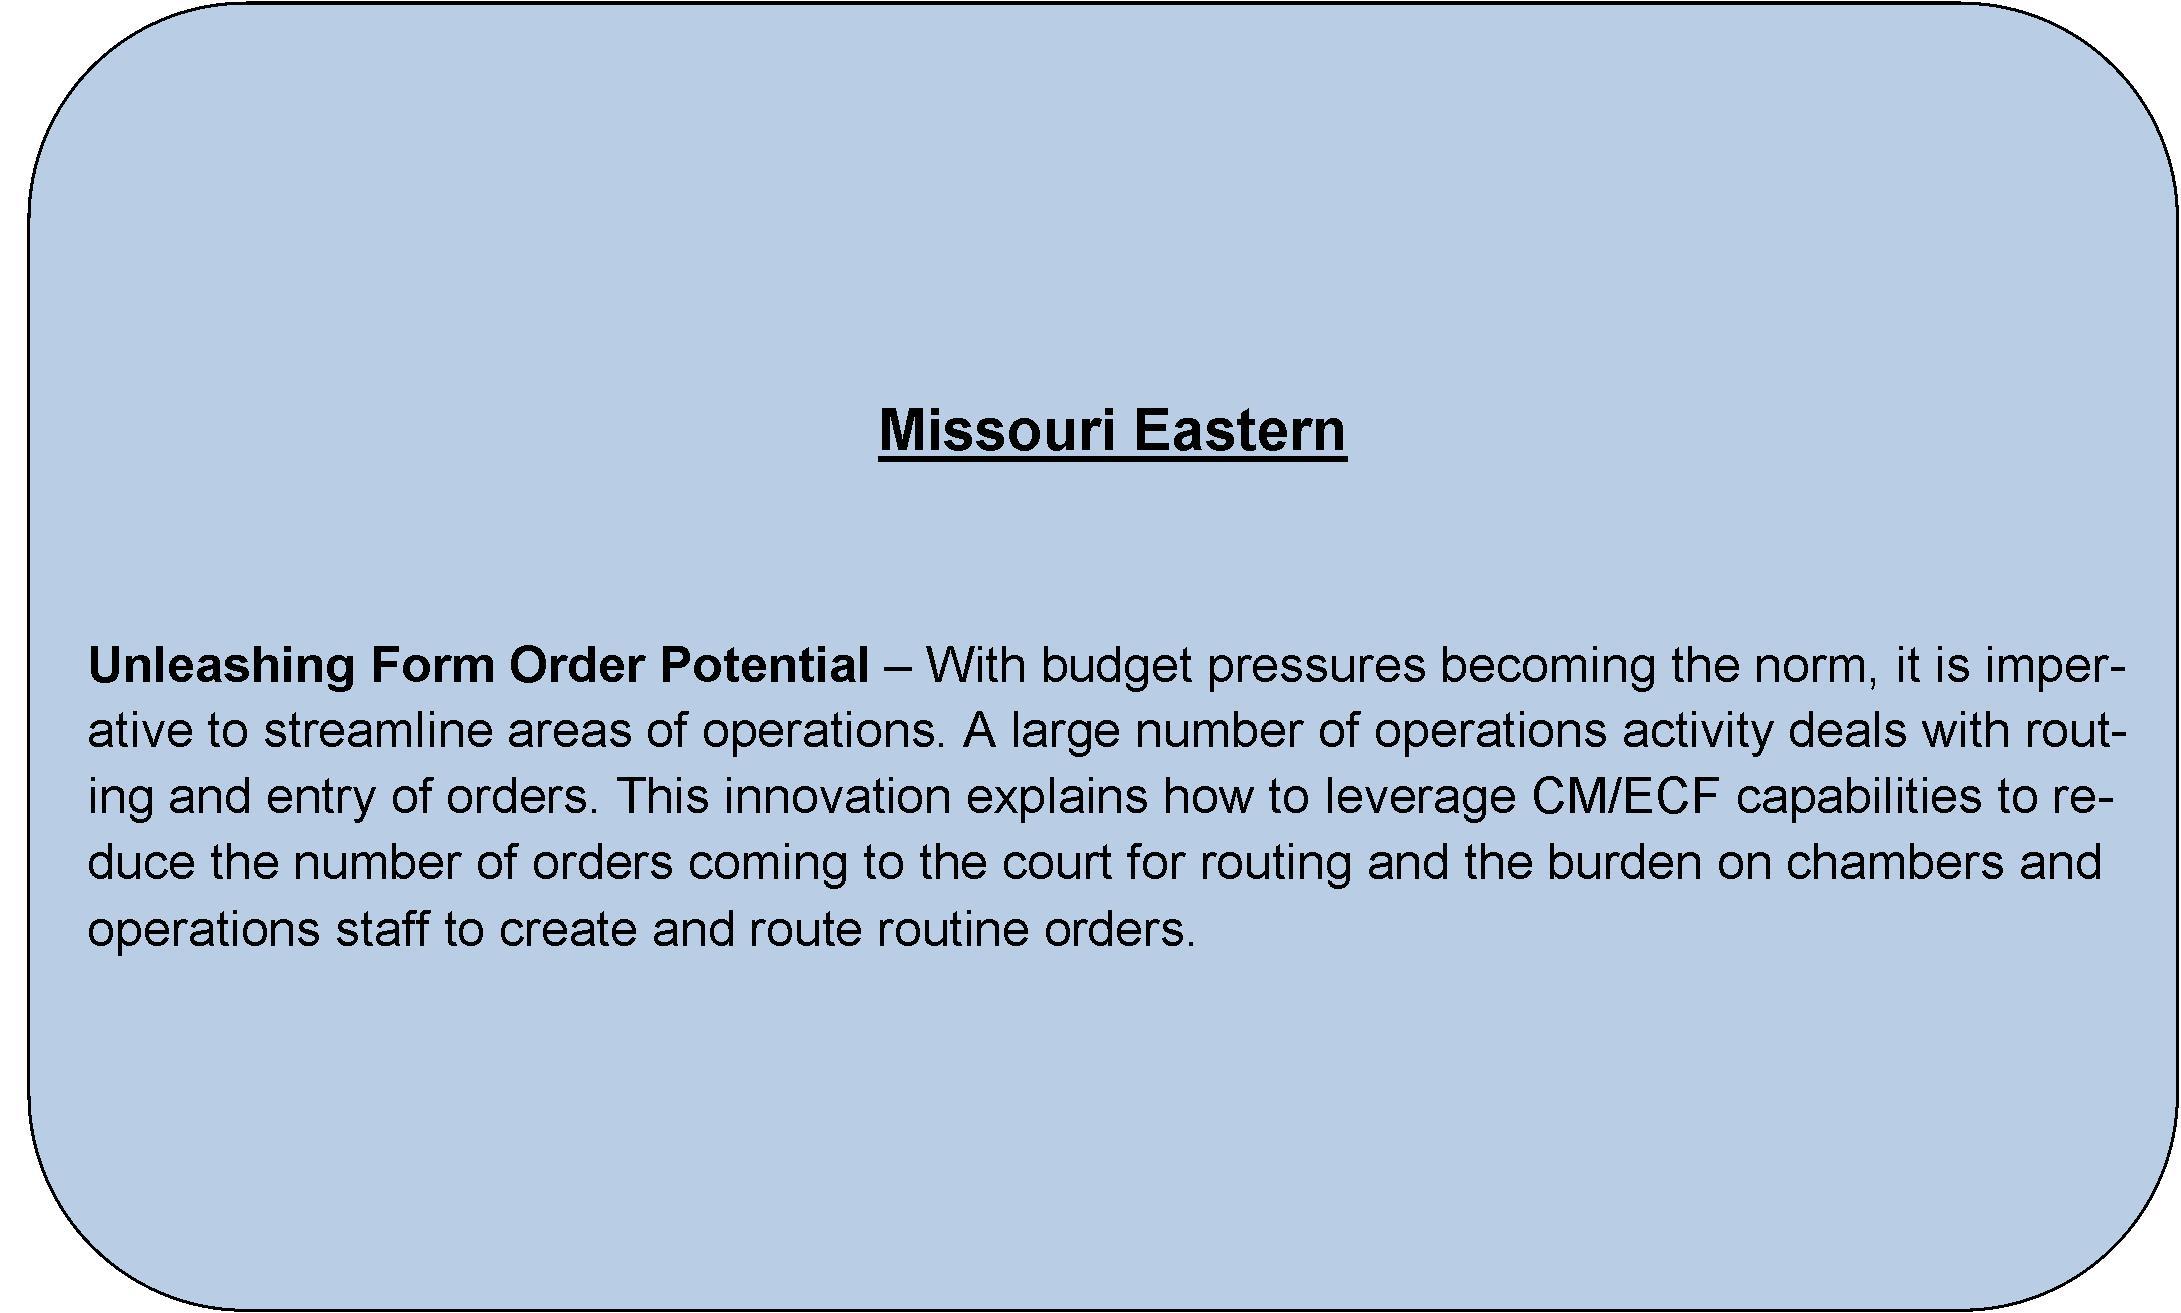 Missouri Eastern.jpg